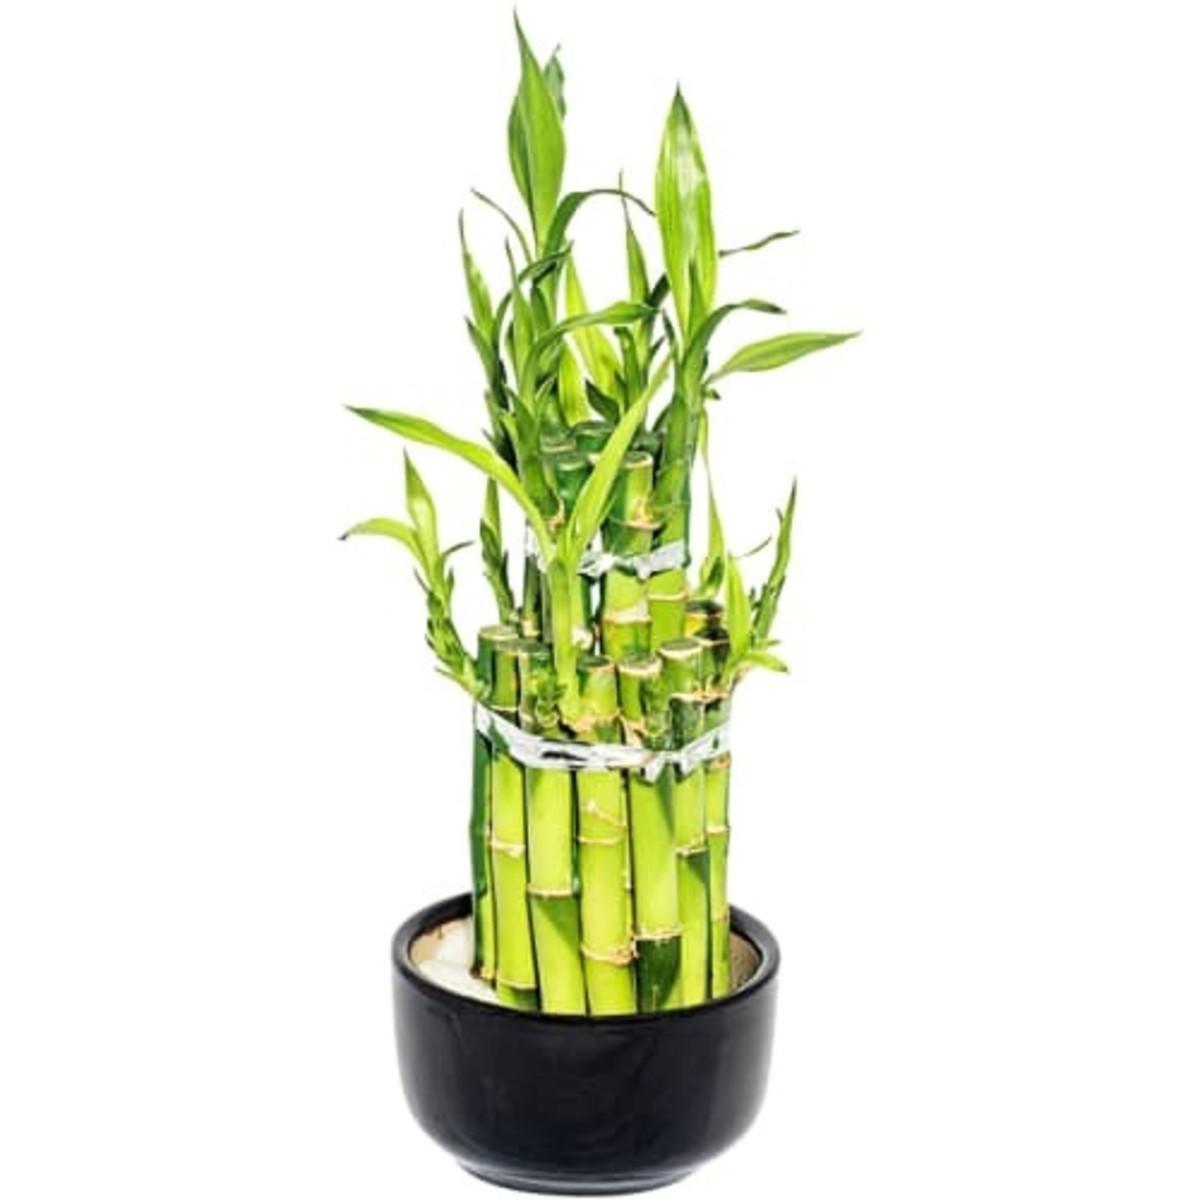 Бамбук Лаки 2 ронд 9x30 см